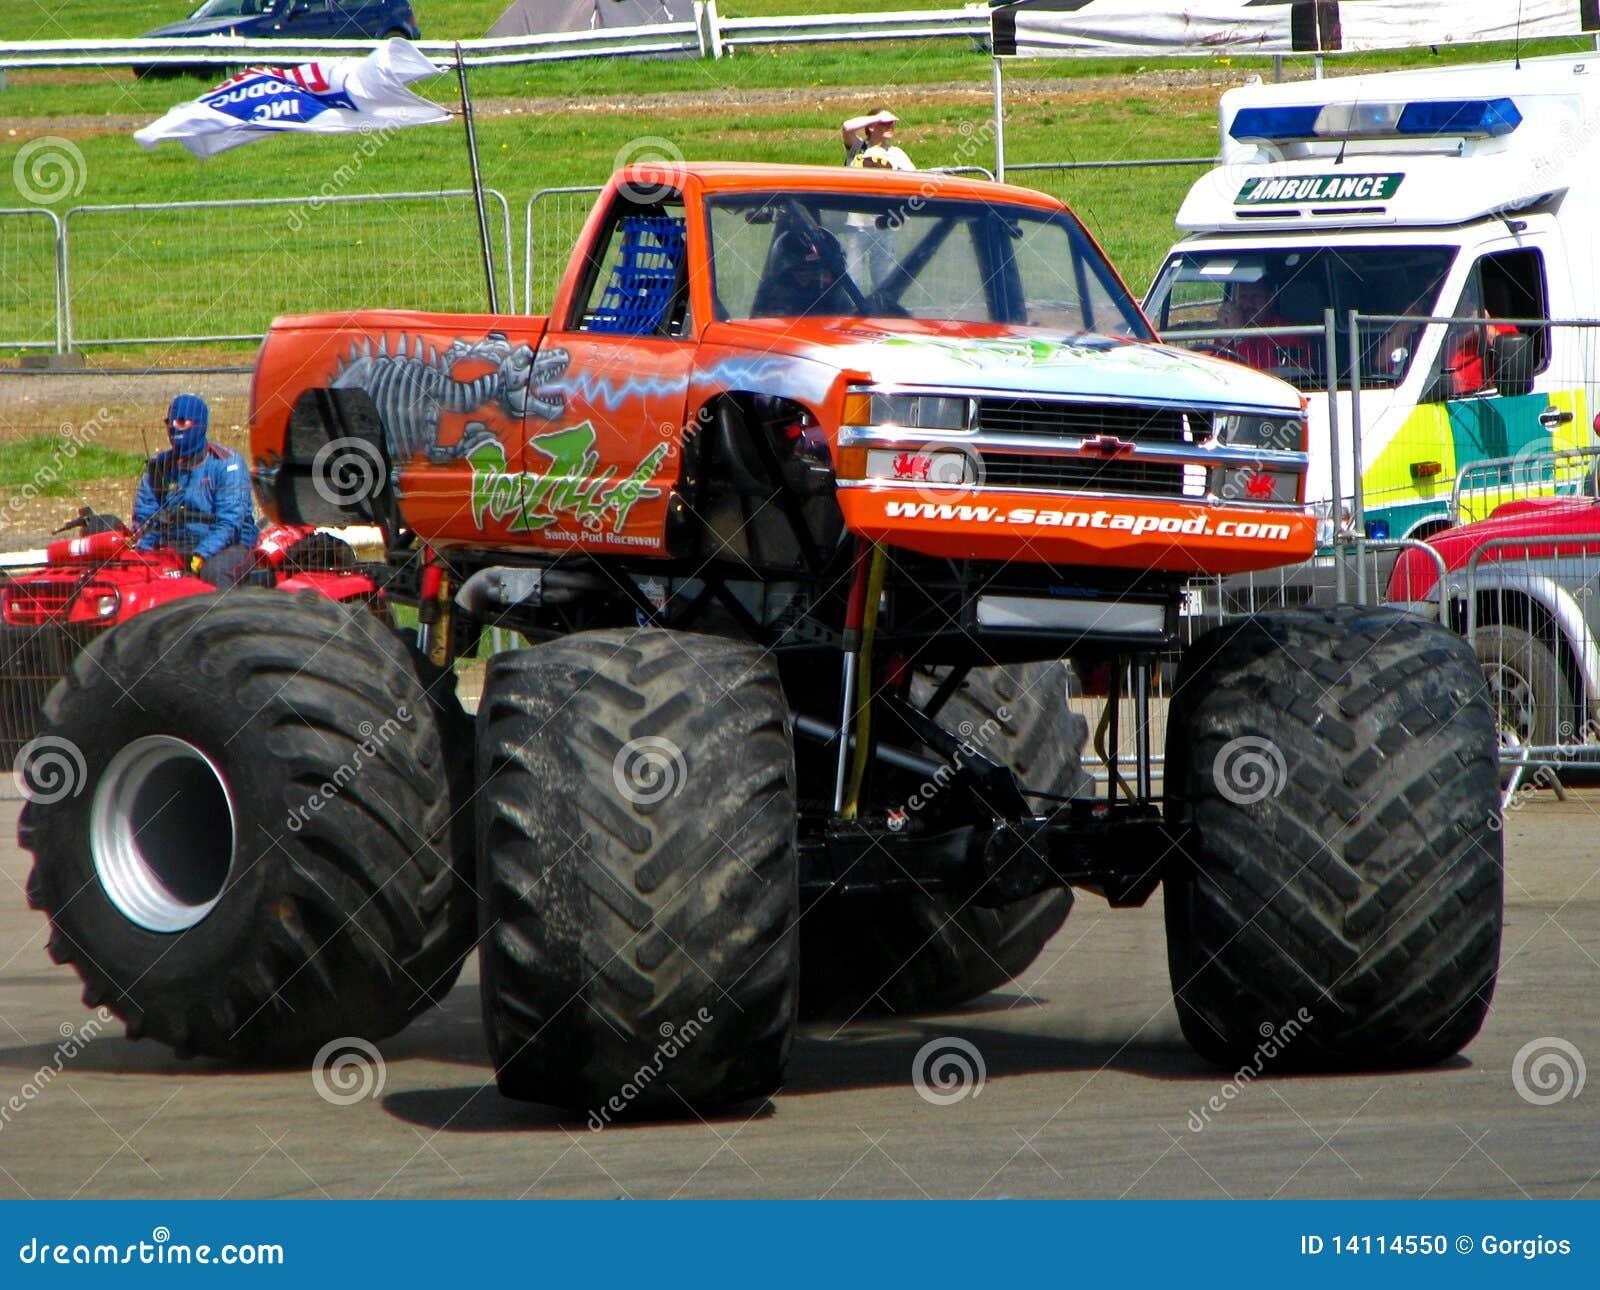 Podzilla monster truck santa pod webcam